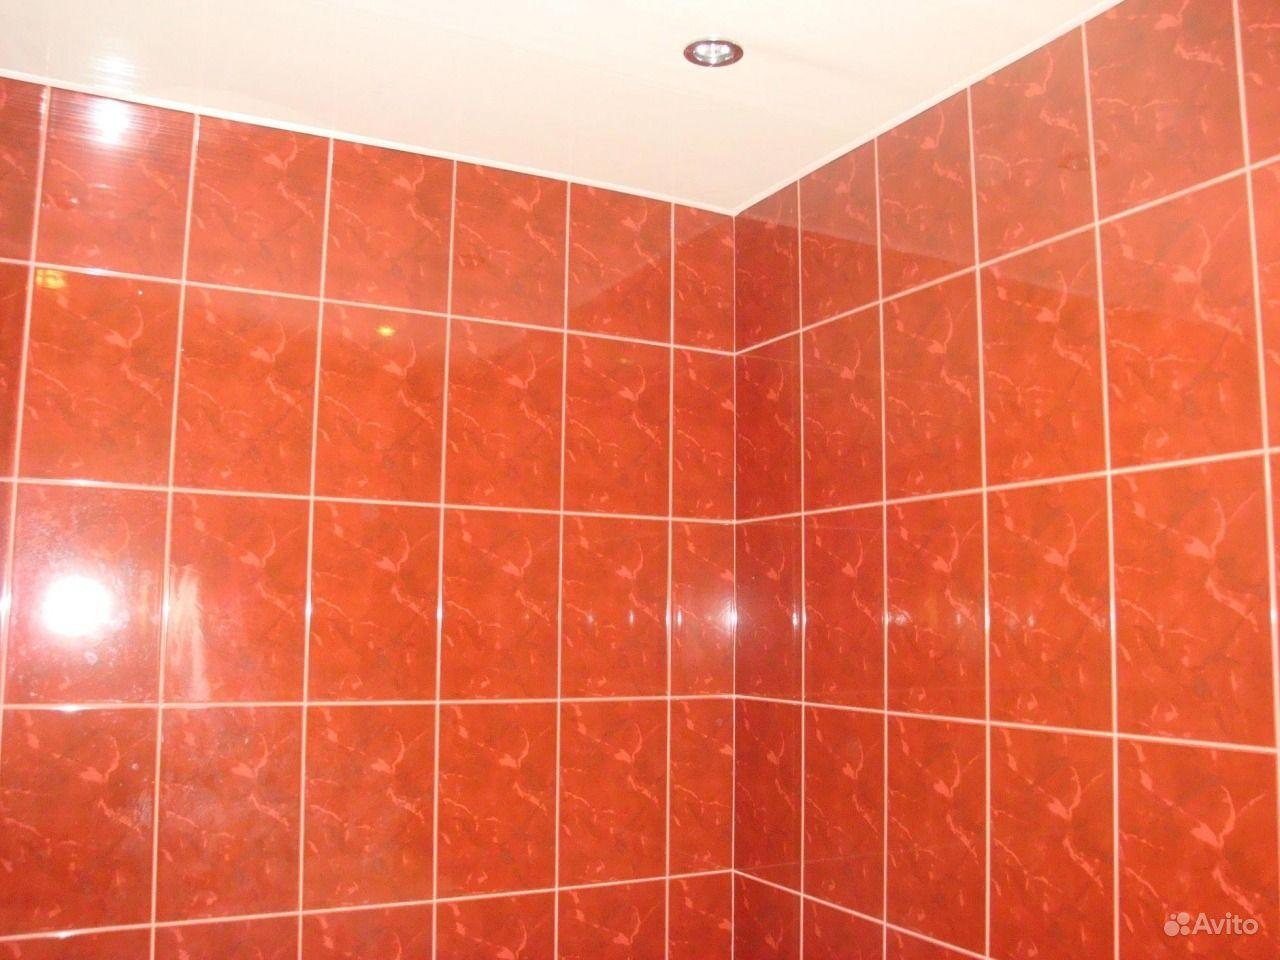 Ремонт и отделка ванной Плиточник гарантия 5 лет купить на Вуёк.ру - фотография № 2